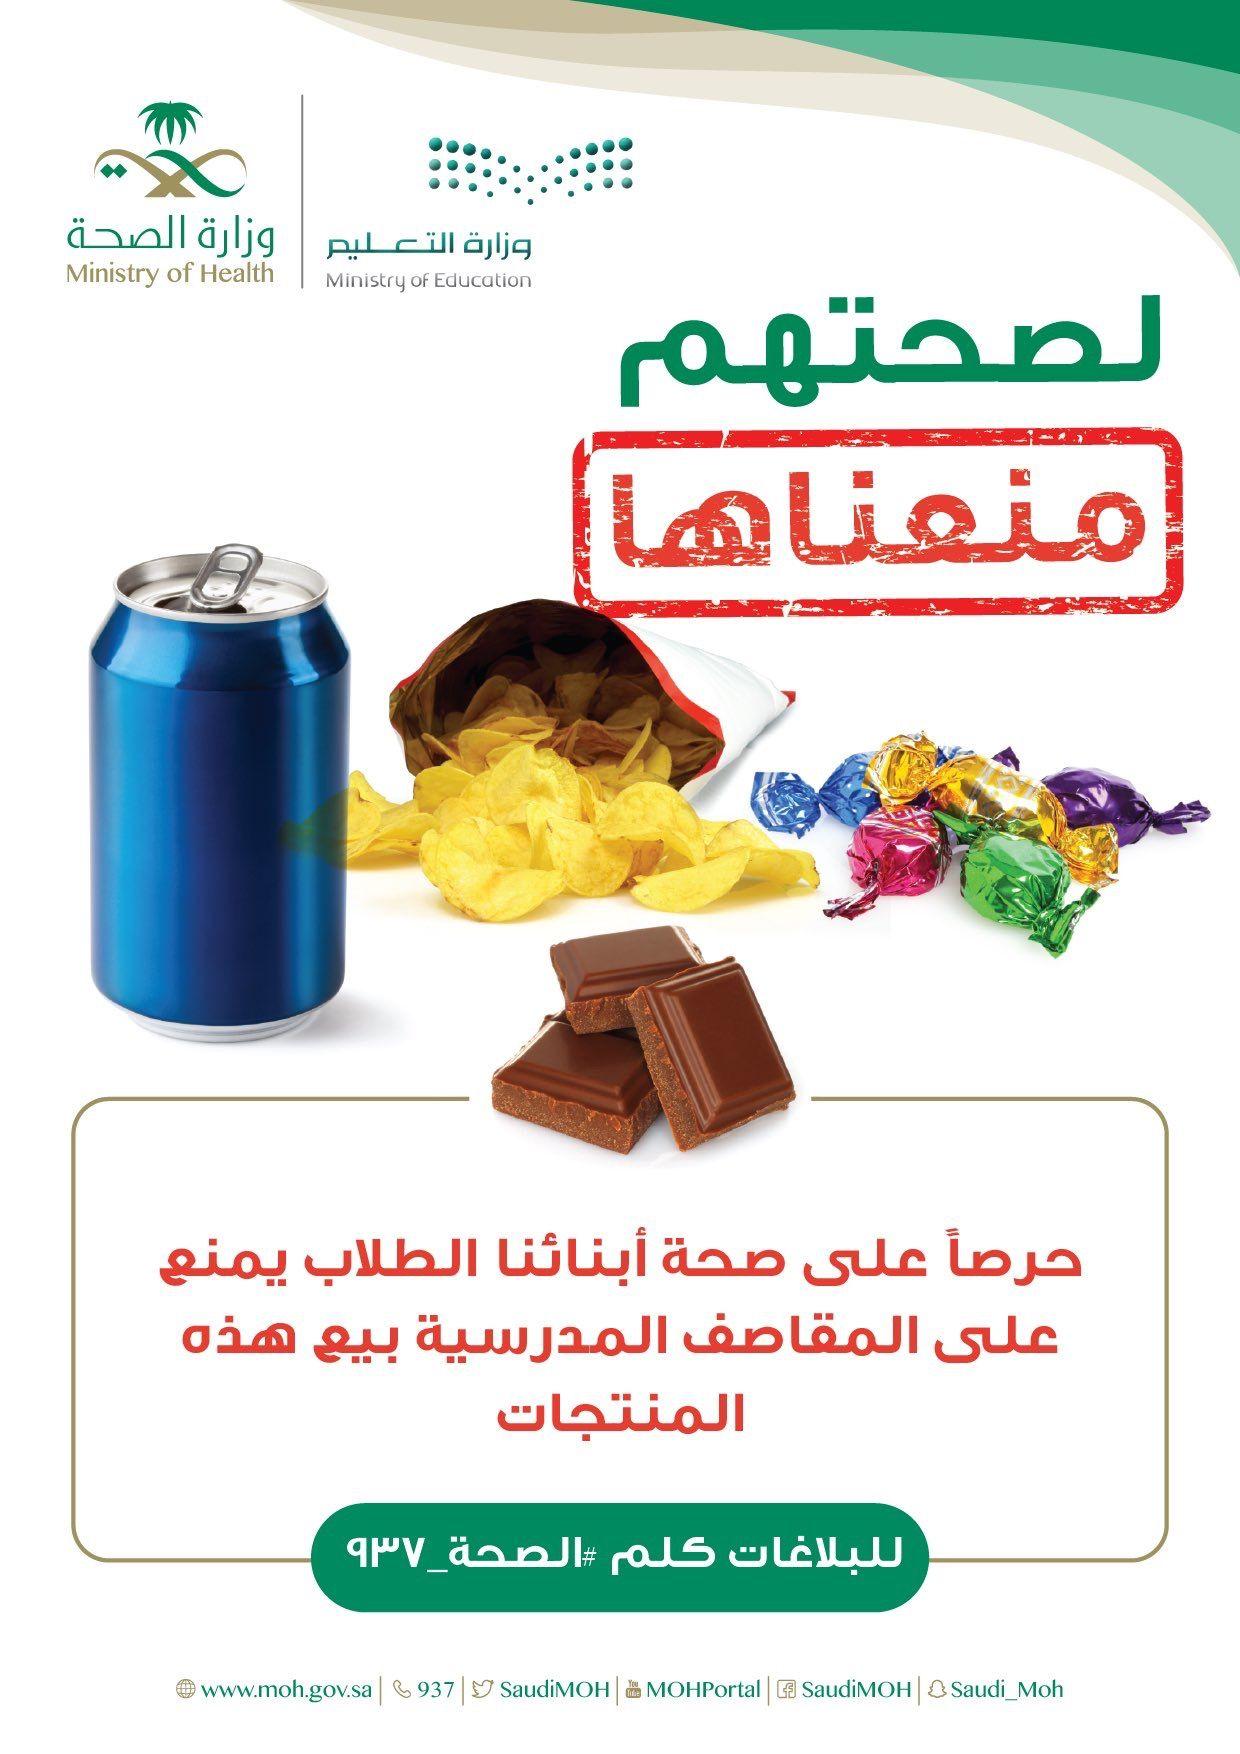 4 أغذية منعت الصحة بيعها في المقاصف المدرسية Health